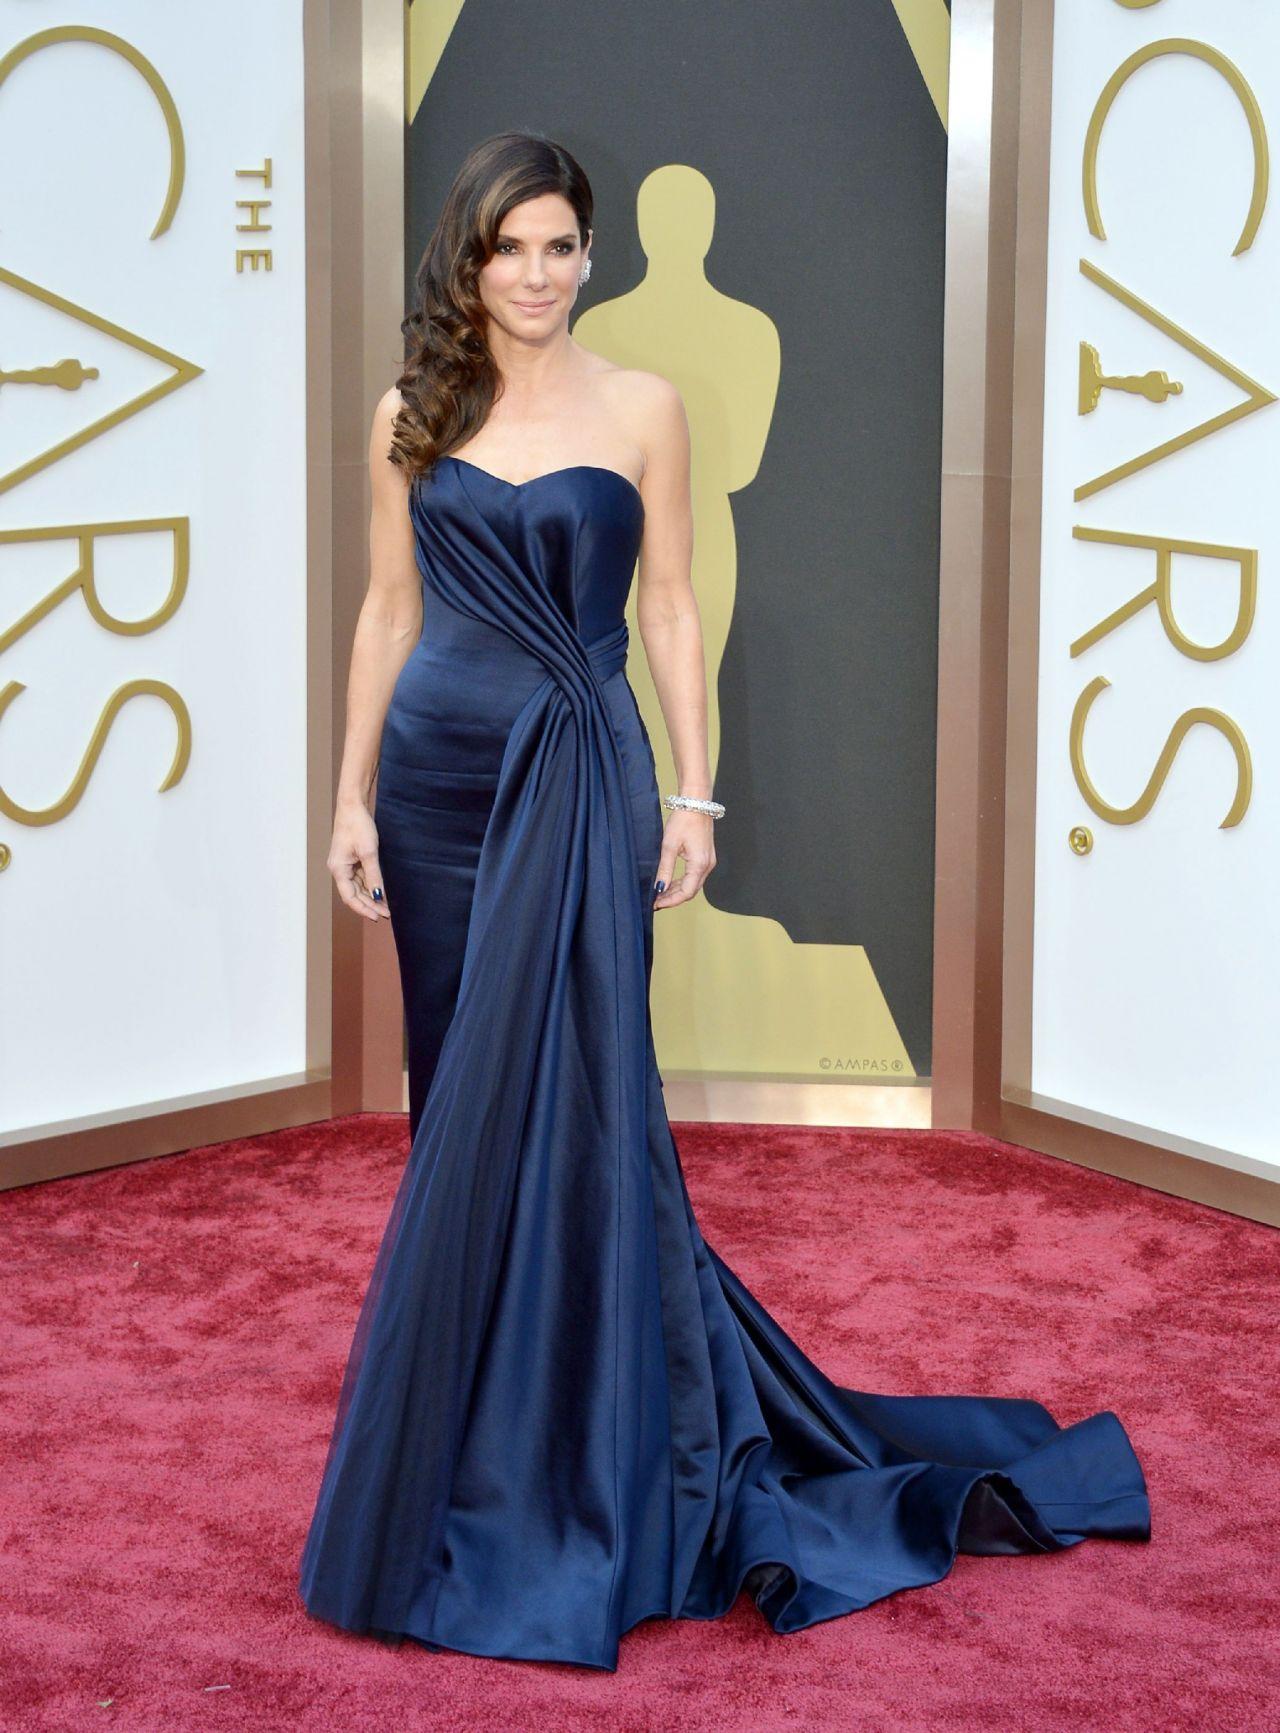 Sandra Bullock in Alexander McQueen With Lorraine Schwartz Jewels - 2014 Oscars